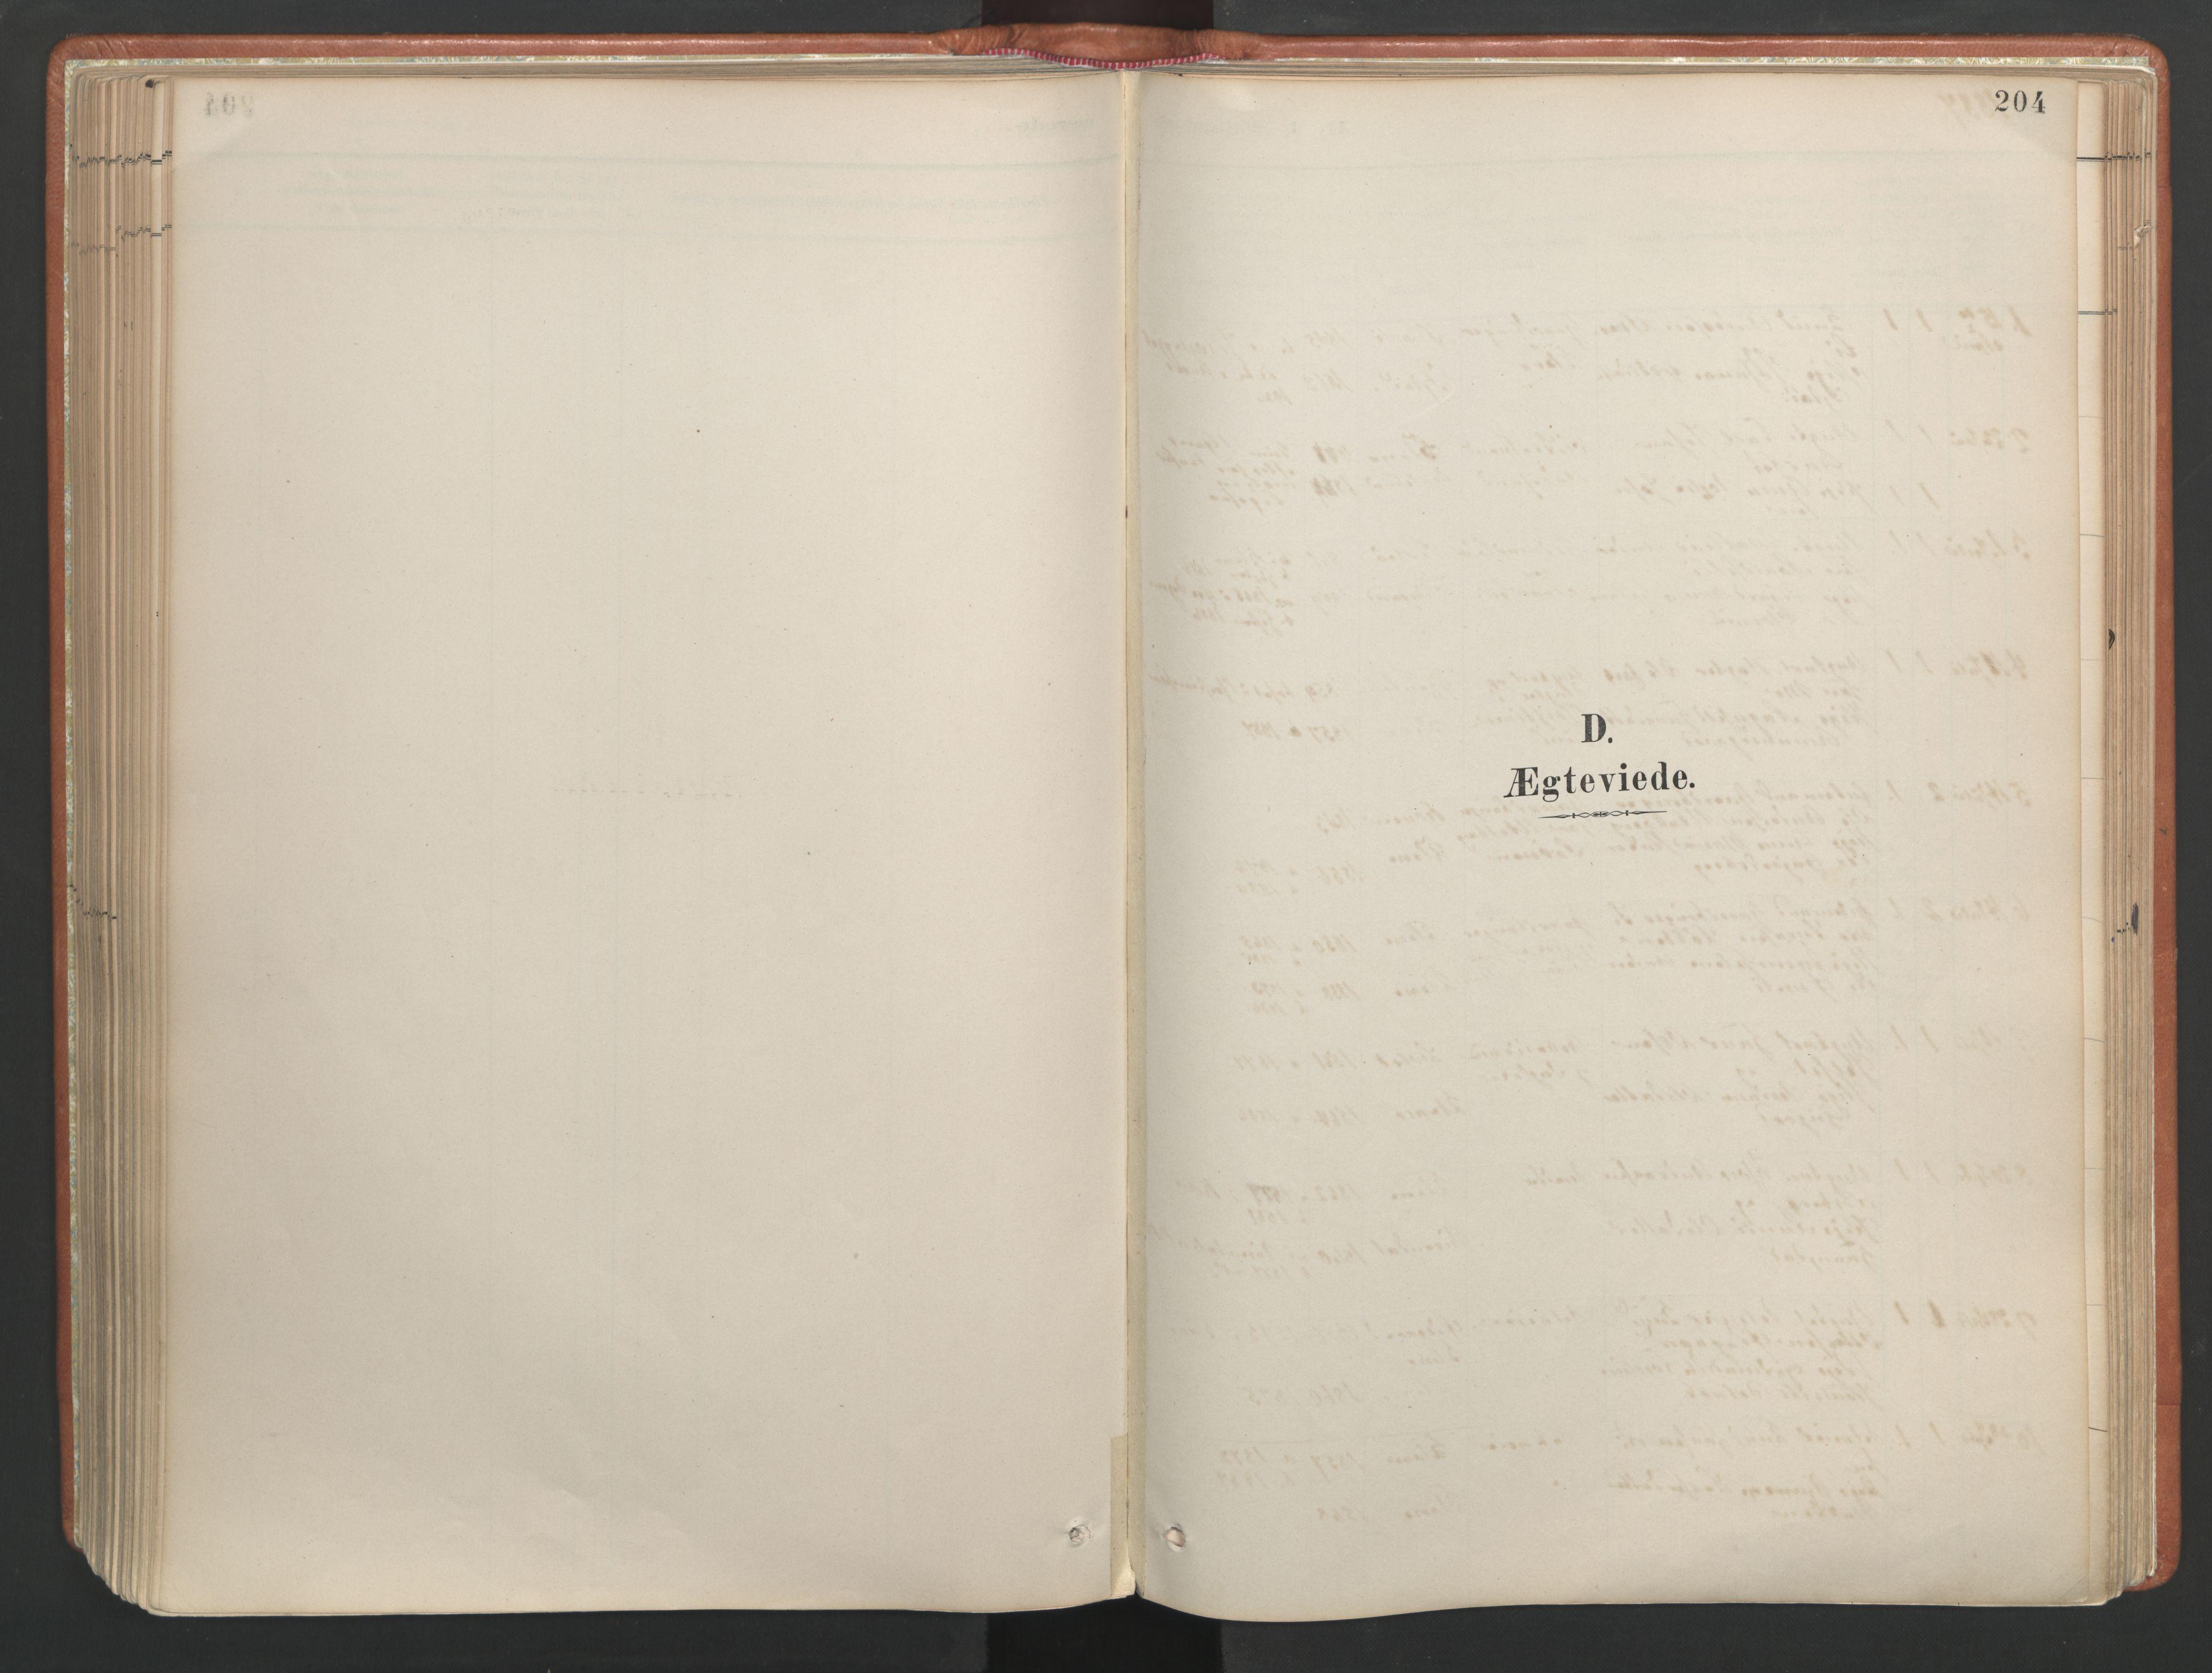 SAT, Ministerialprotokoller, klokkerbøker og fødselsregistre - Møre og Romsdal, 557/L0682: Parish register (official) no. 557A04, 1887-1970, p. 204